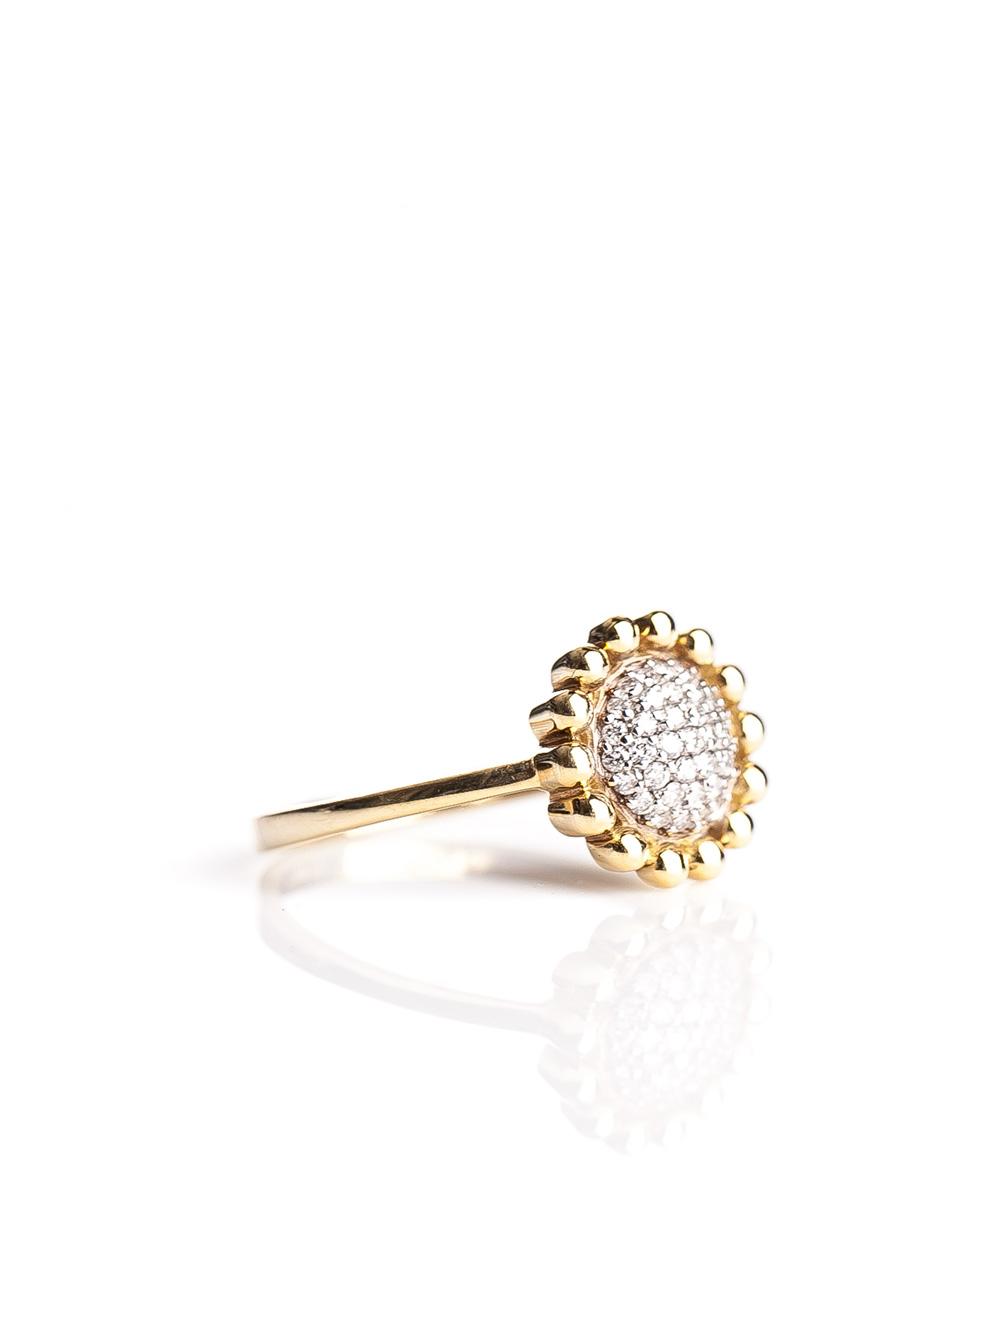 Anel solitário flor, confeccionado em ouro amarelo 18k com diamantes